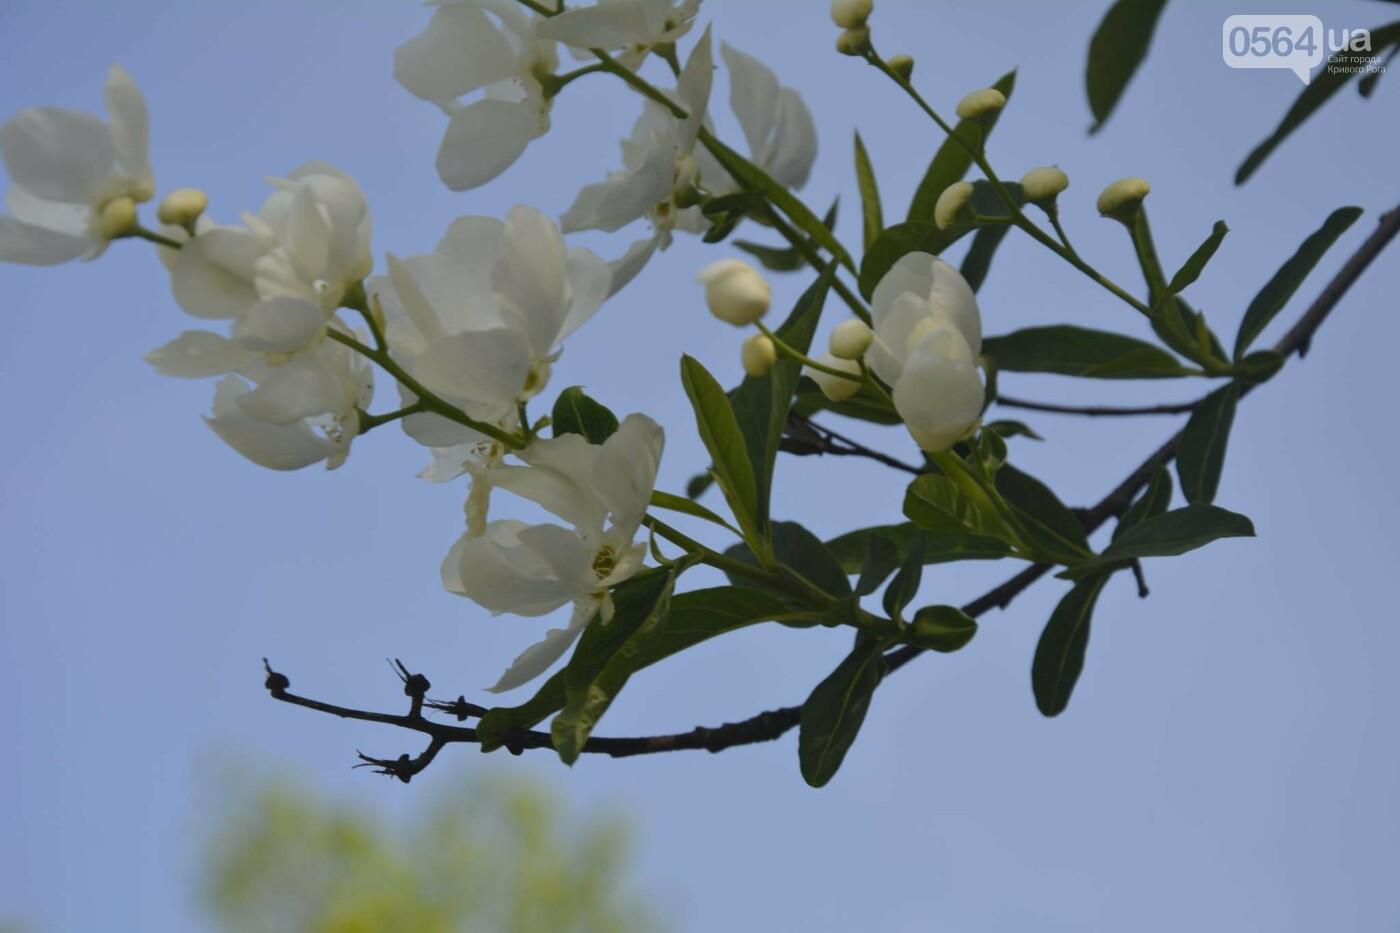 """Коллекция сирени, тюльпан """"Черный кофе"""", барбарис, - как выглядит Криворожский ботанический сад сегодня, - ФОТО, фото-9"""